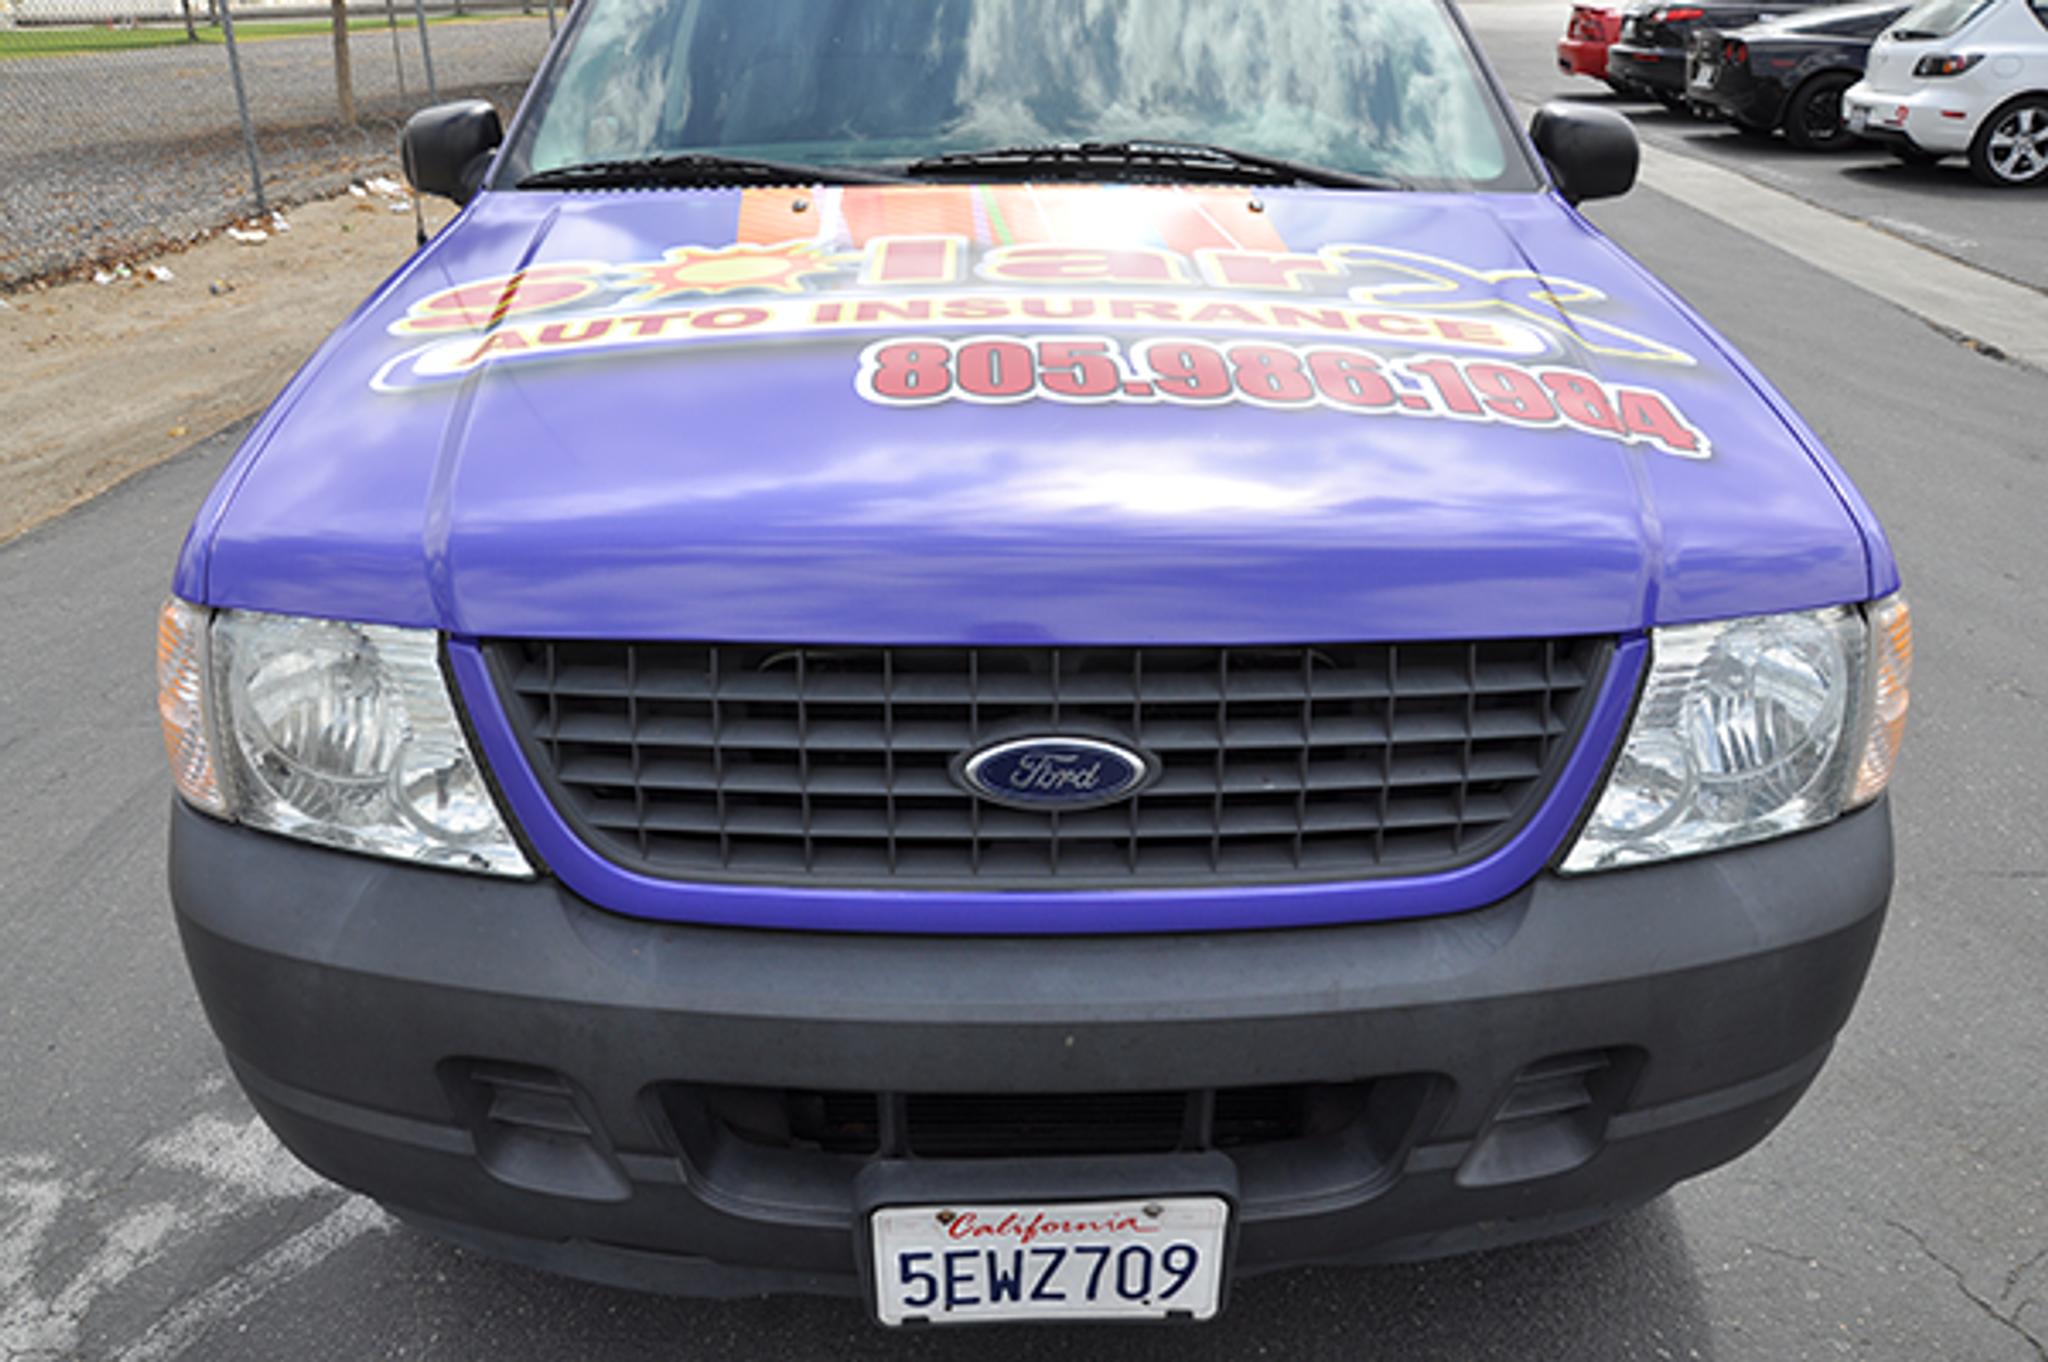 Custom Ford Explorer >> Ford Explorer Sport Gloss Vehicle Wraps With Custom Design